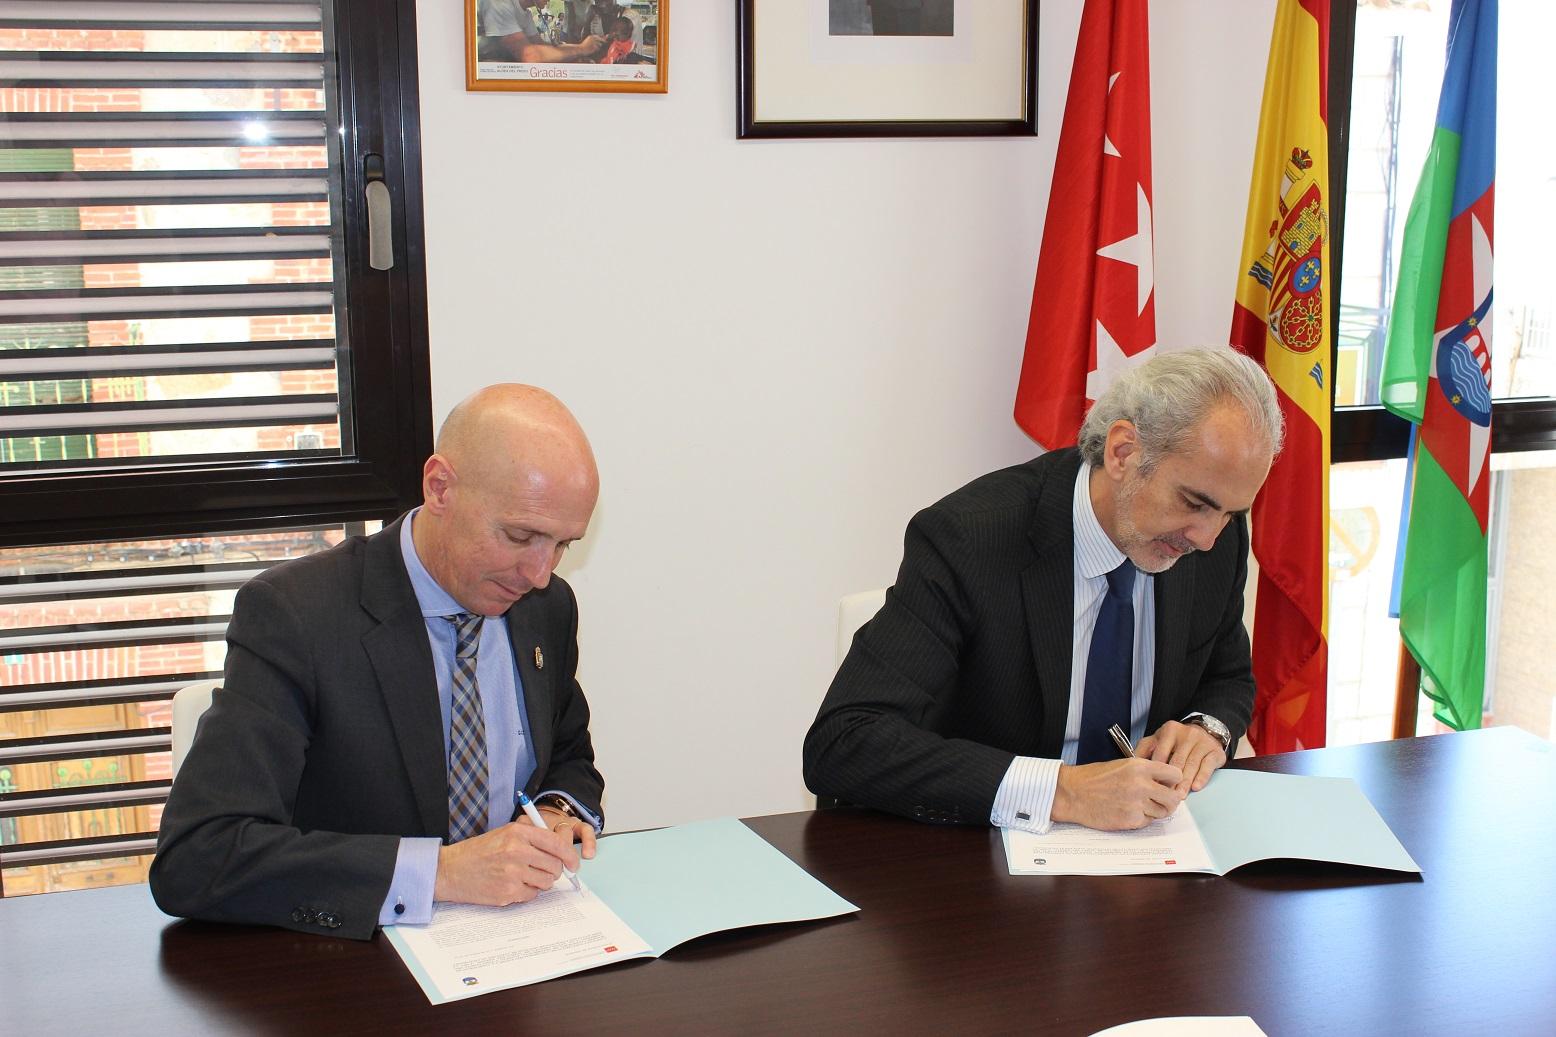 Atenci n al ciudadano a21 peri dico gratuito sierra - Oficina de atencion al ciudadano madrid ...